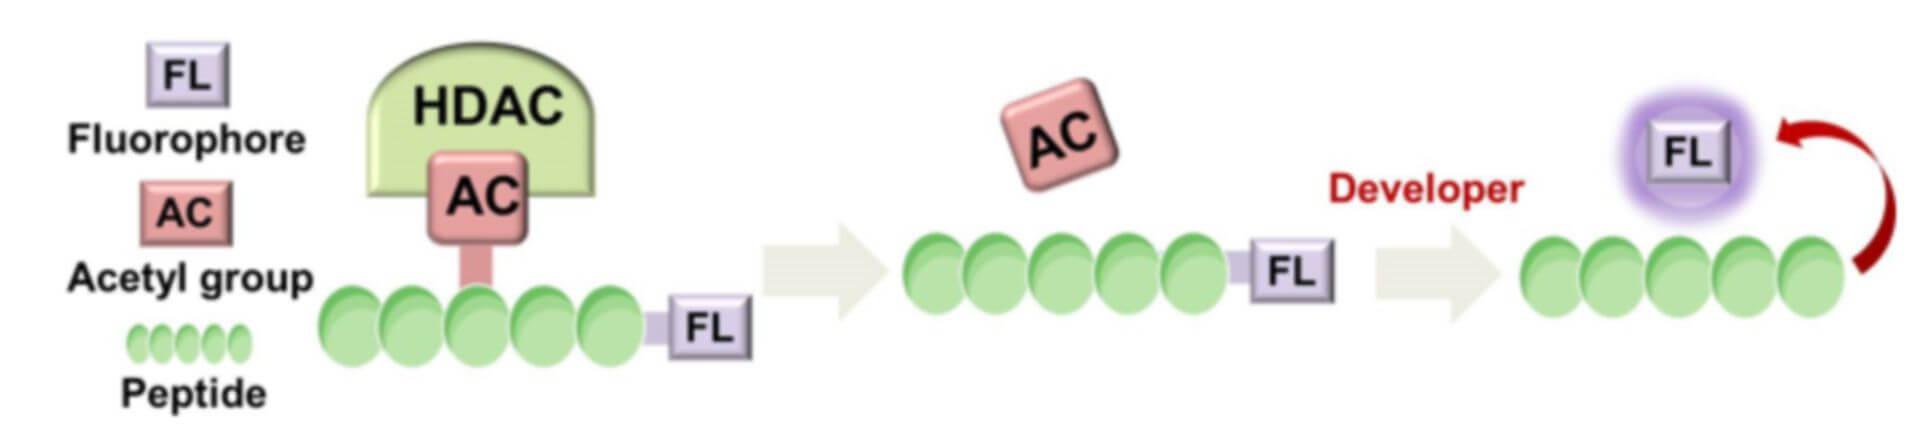 Histone Deacetylase Inhibitor Screening